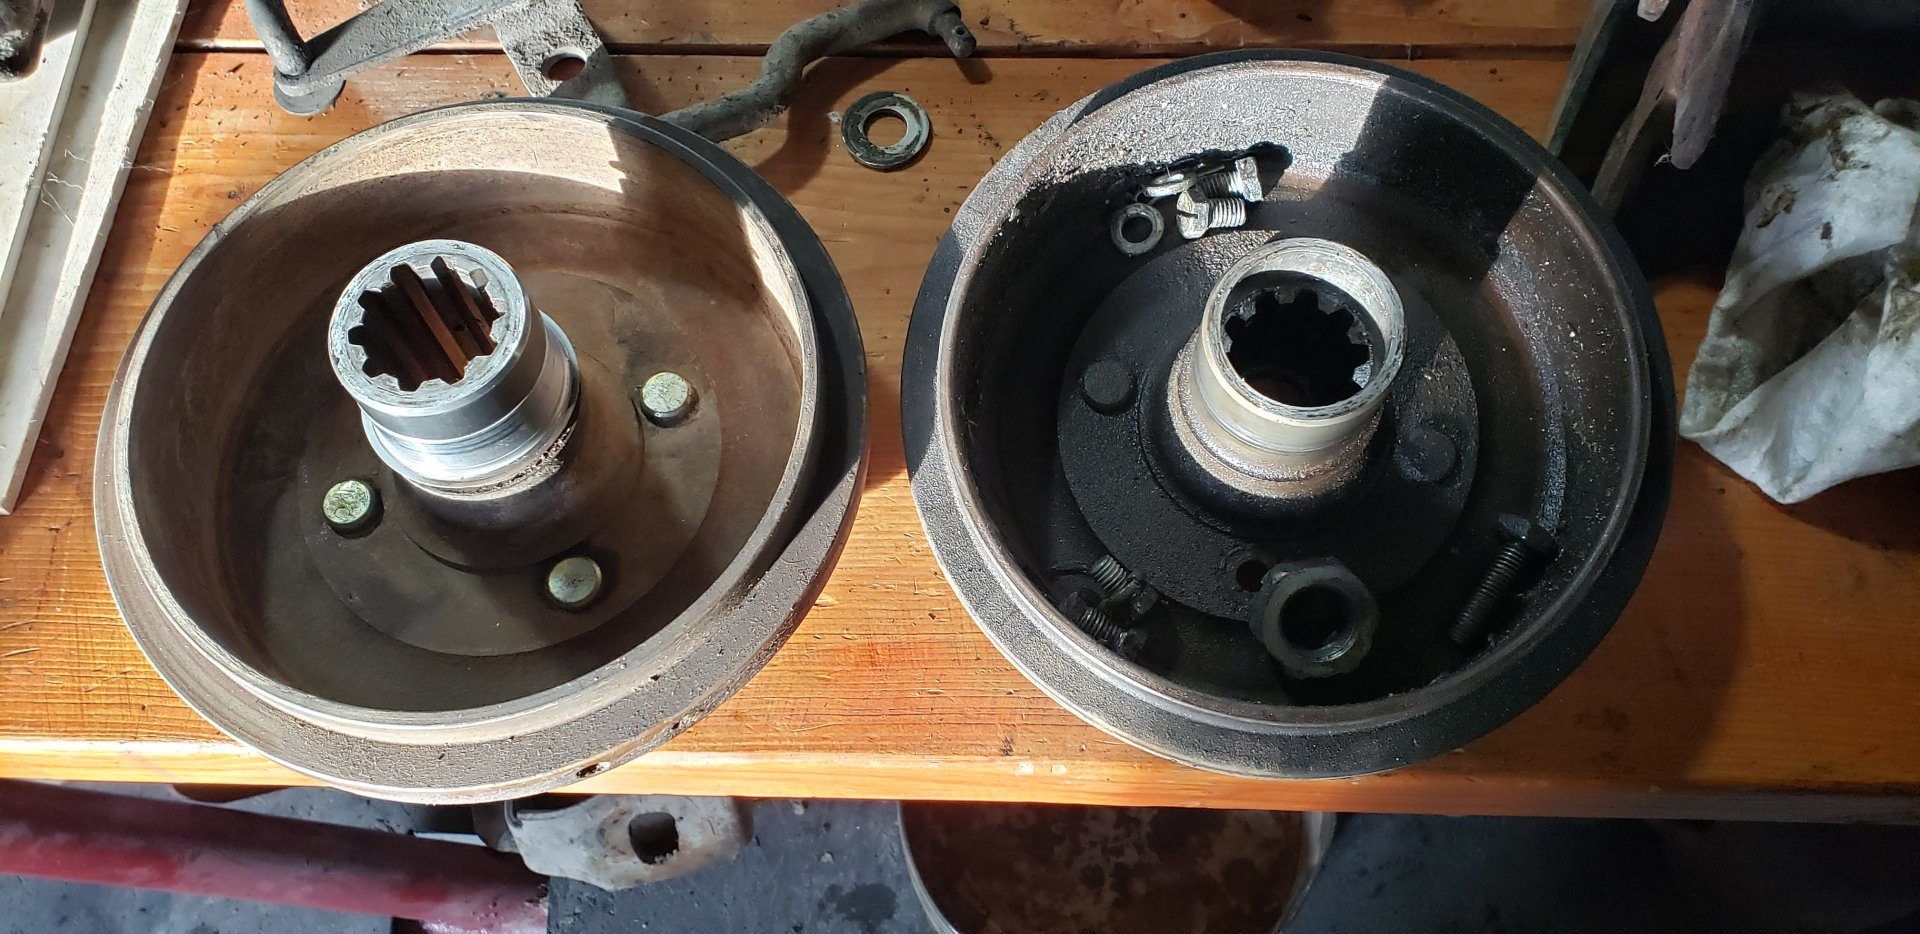 fj40 parking brake drum.jpg